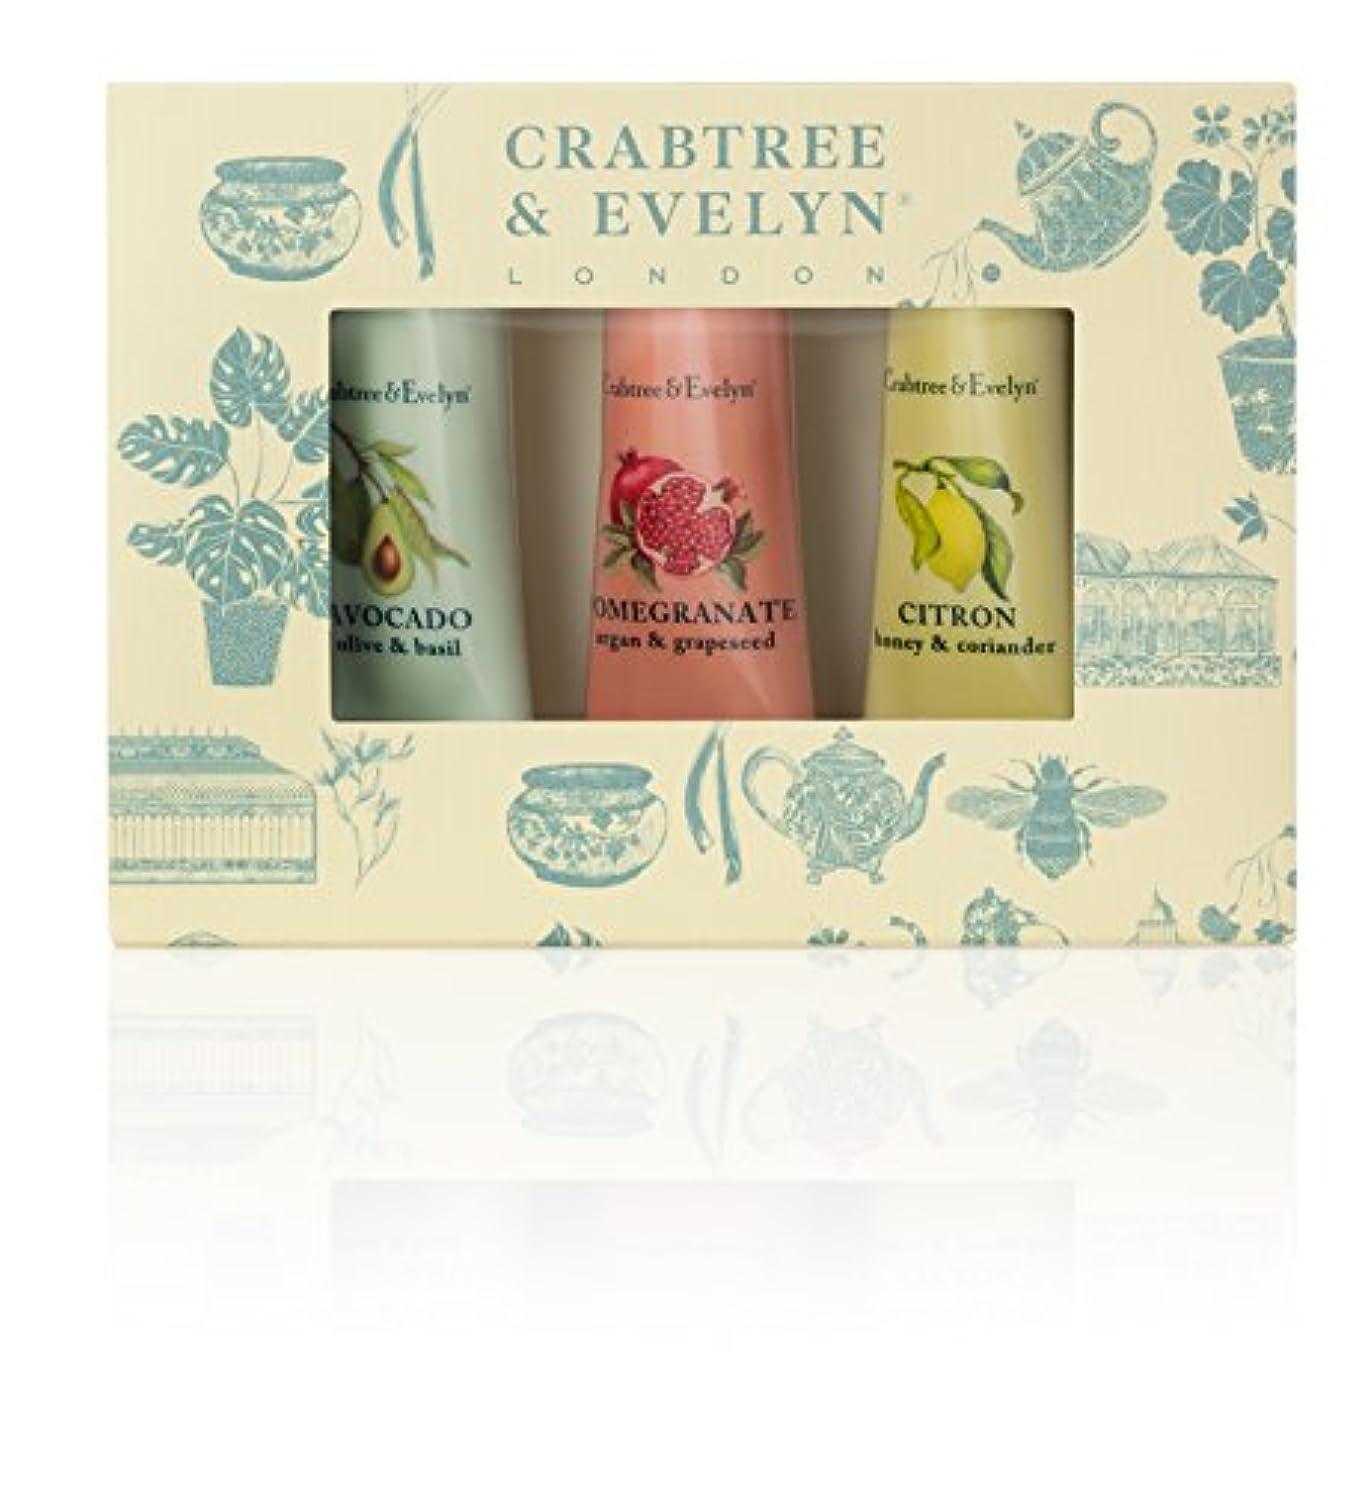 カーペットへこみアクチュエータクラブツリー&イヴリン Botanicals Hand Therapy Set (1x Citron, Honey & Coriander, 1x Pomegranate, Argan & Grapeseed, 1x Avocado...